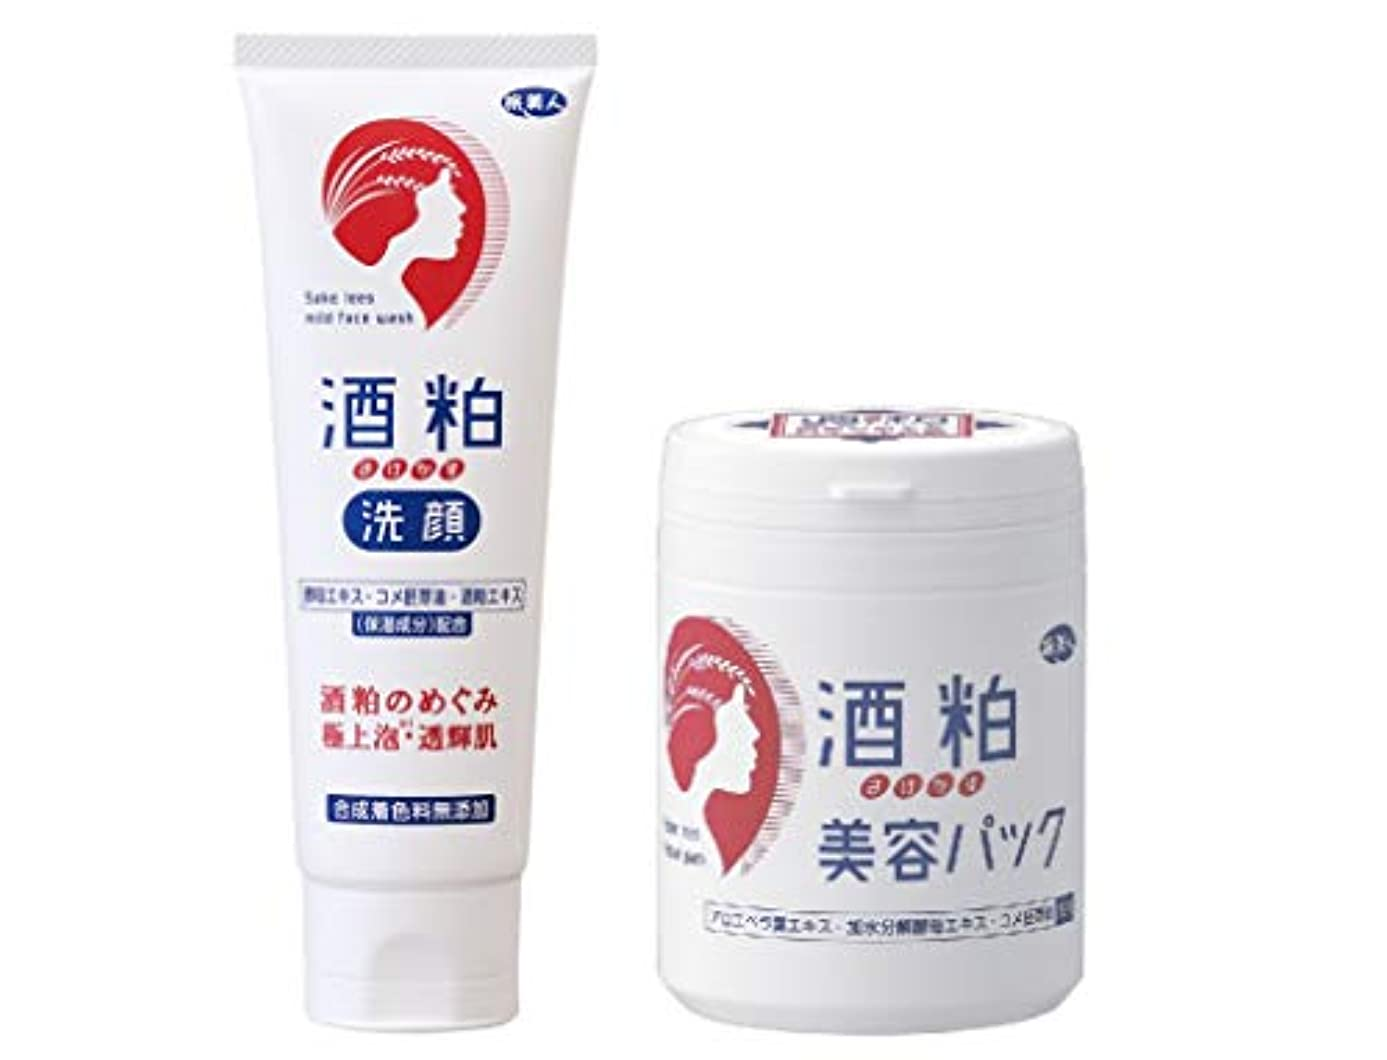 含めるキルト適応するアズマ商事の 酒粕パック 酒粕洗顔フォーム セット